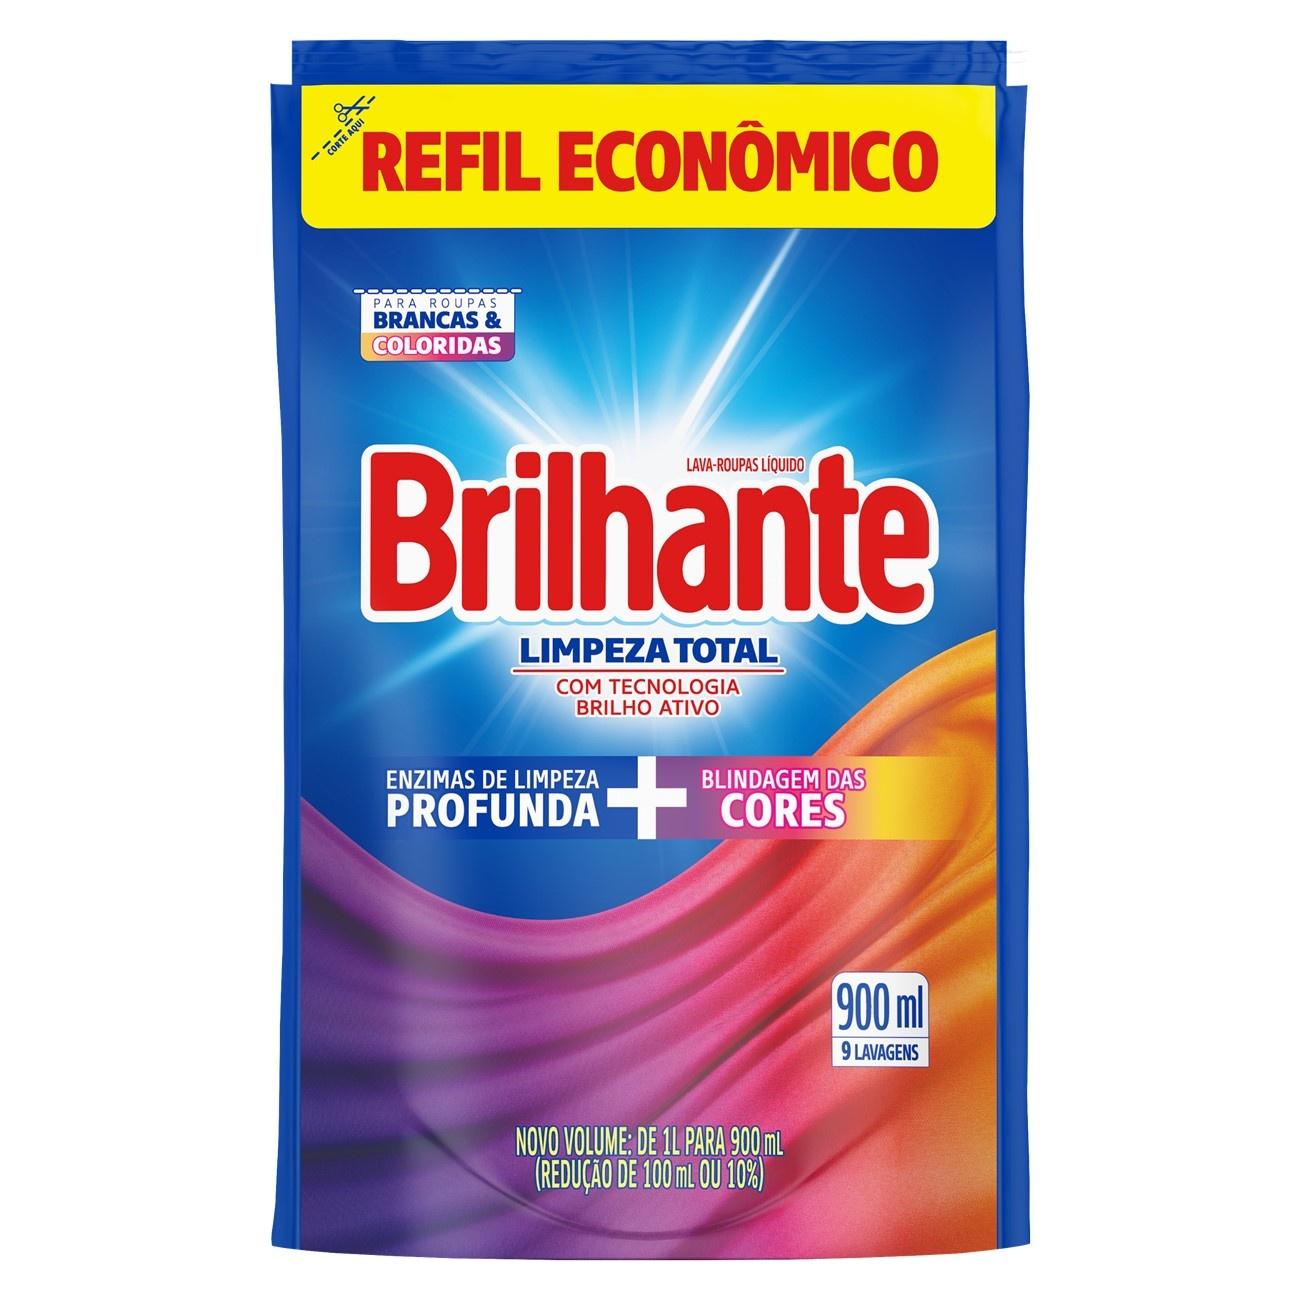 BRILHANTE LIQ LIMP TOT BRI AT DOY900M(12